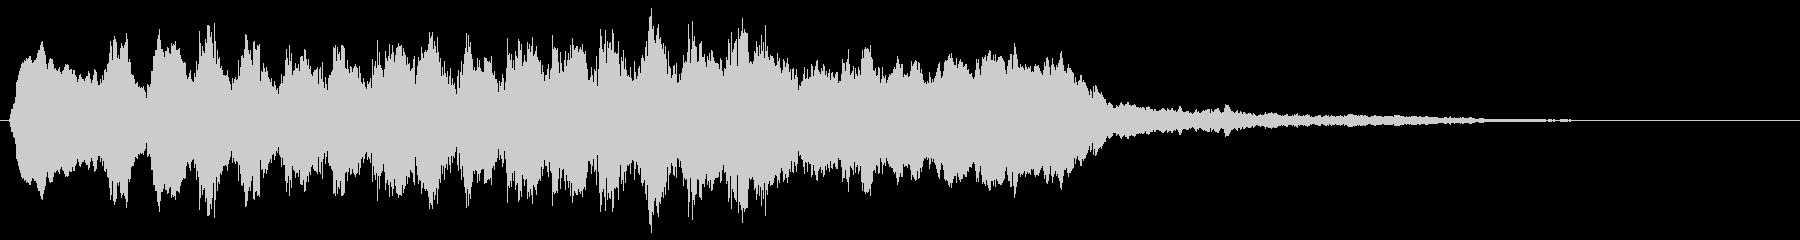 バイオリンの転回音 場面転換 シーン切替の未再生の波形